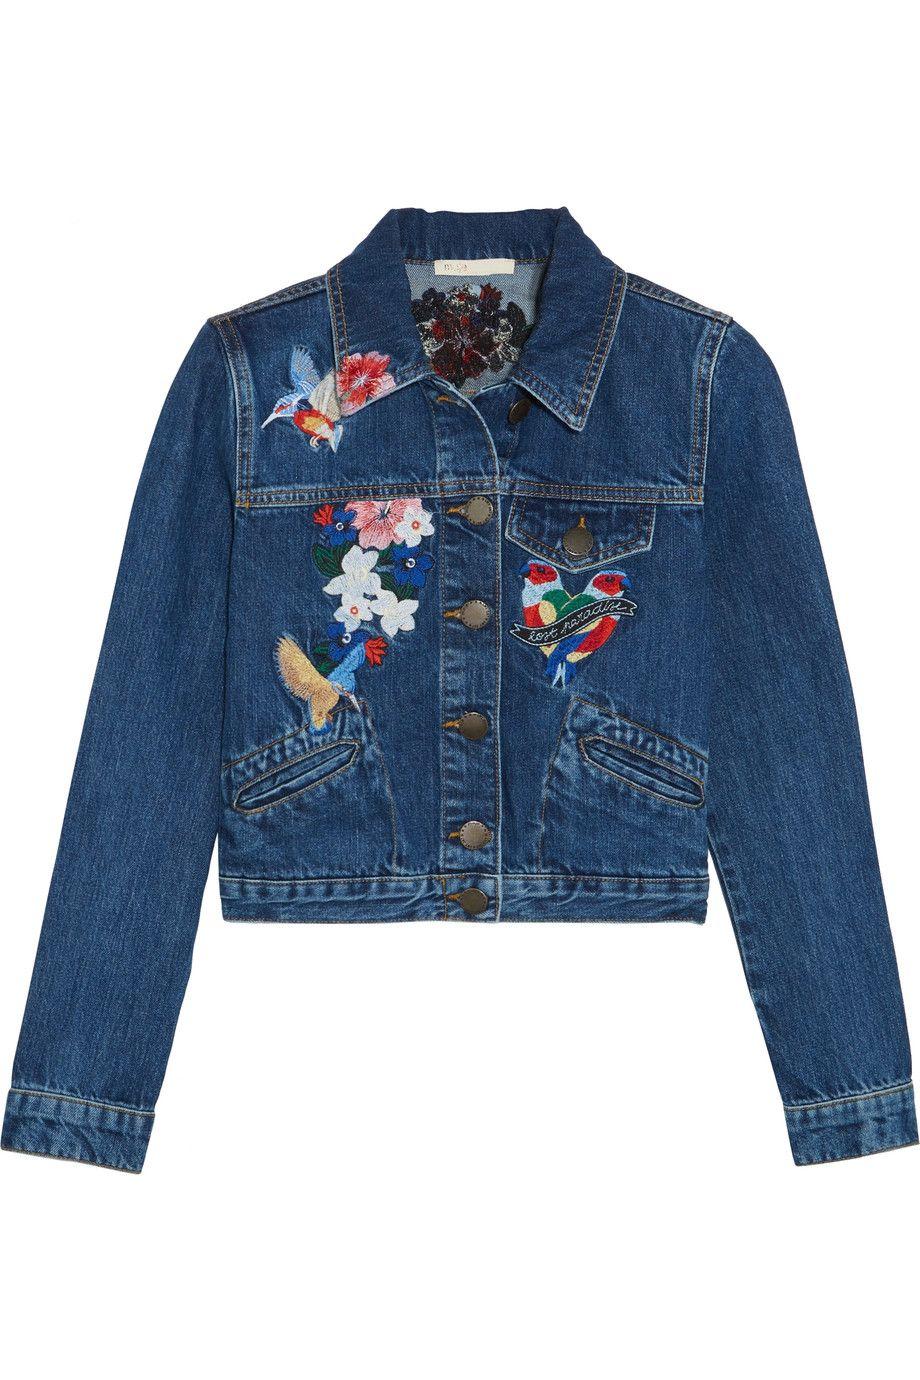 giacchetti jeans primavera estate 2017